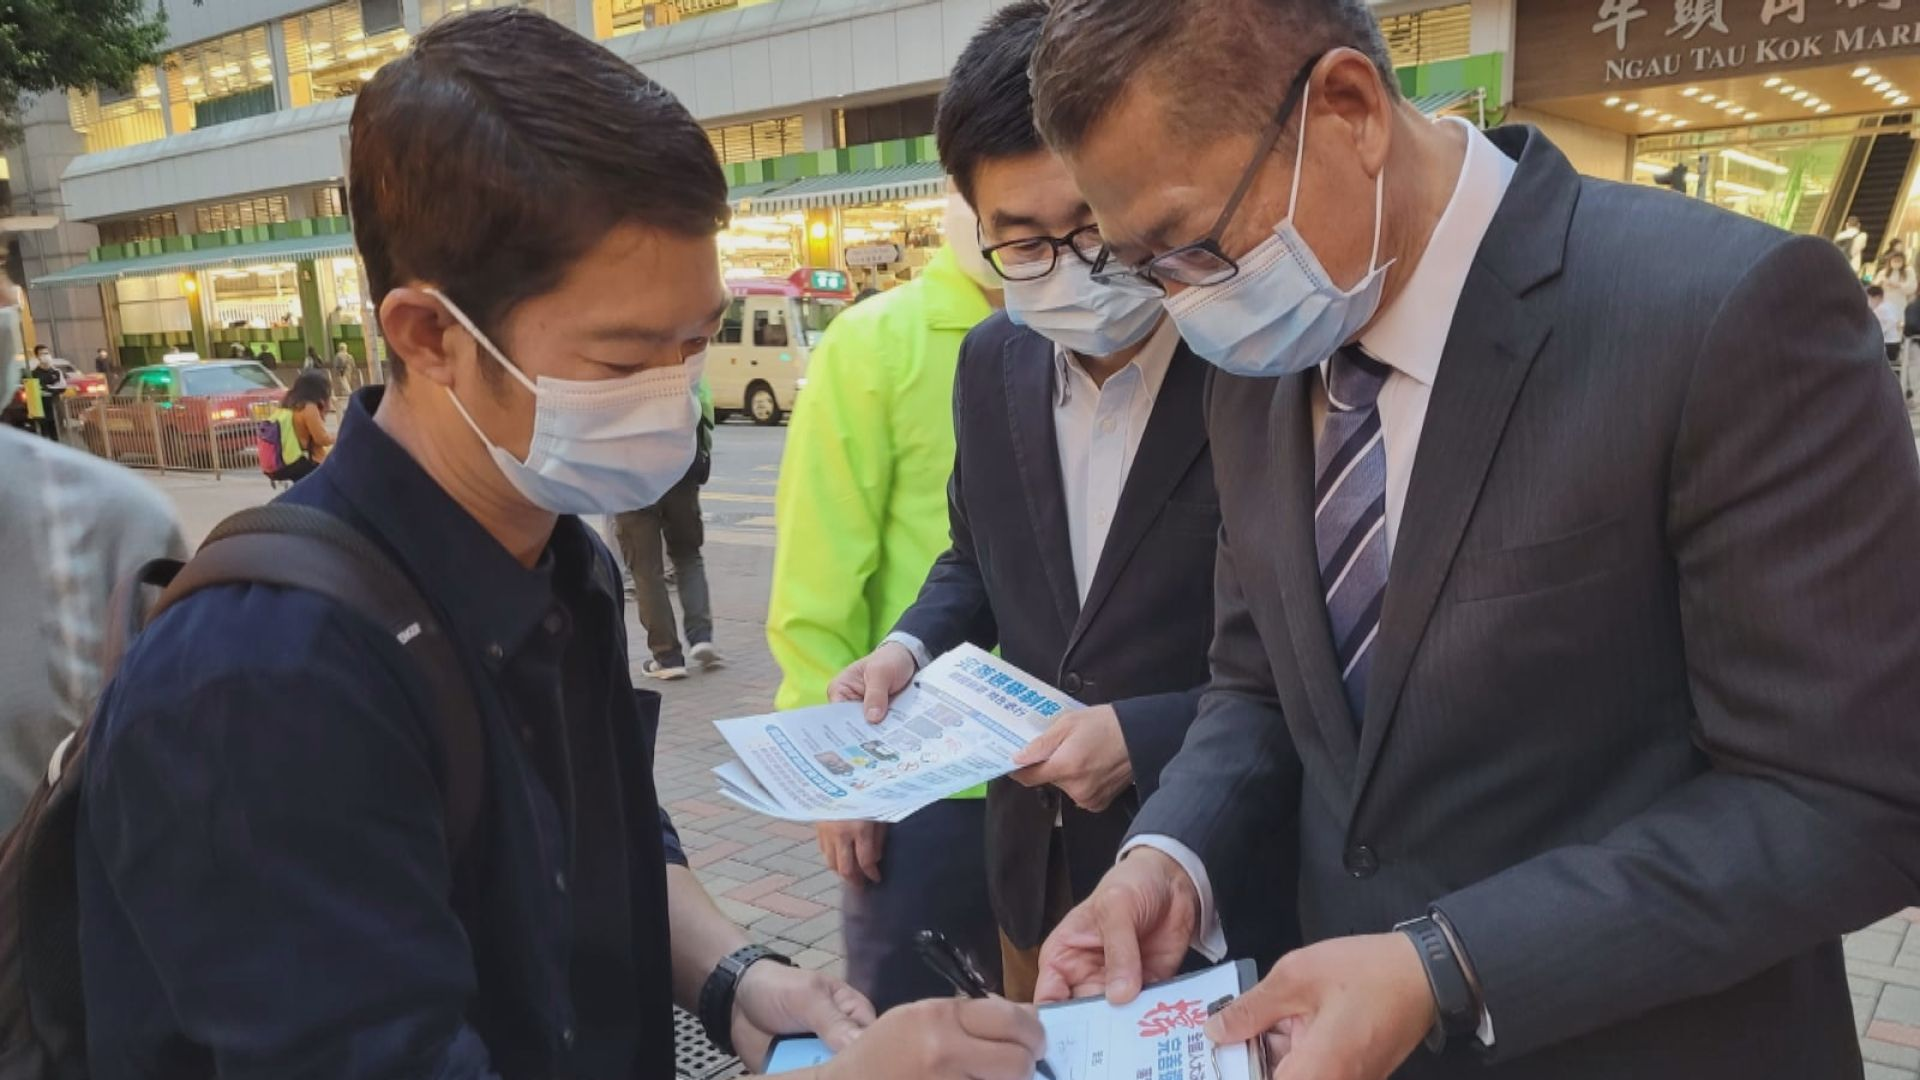 陳茂波:人大完善選舉制度及實施國安法讓香港免於內耗